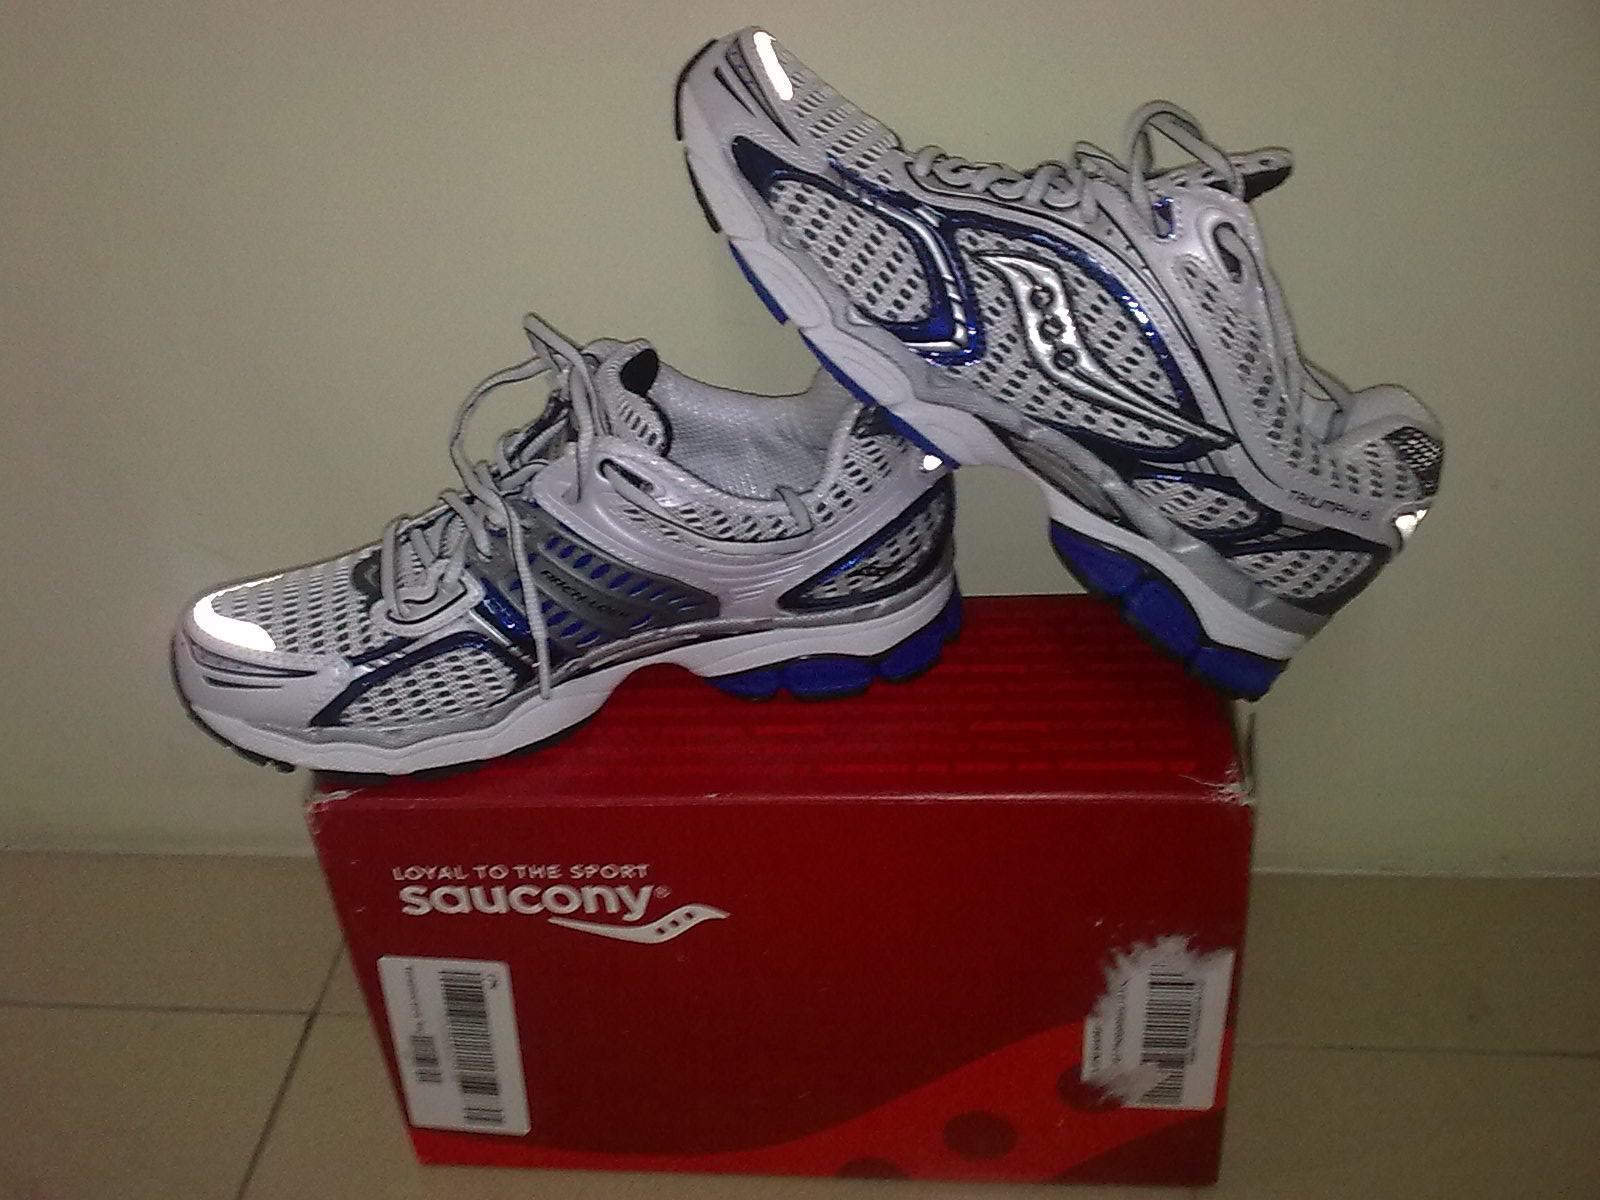 shoe review: saucony triumph 6 | jazzrunner